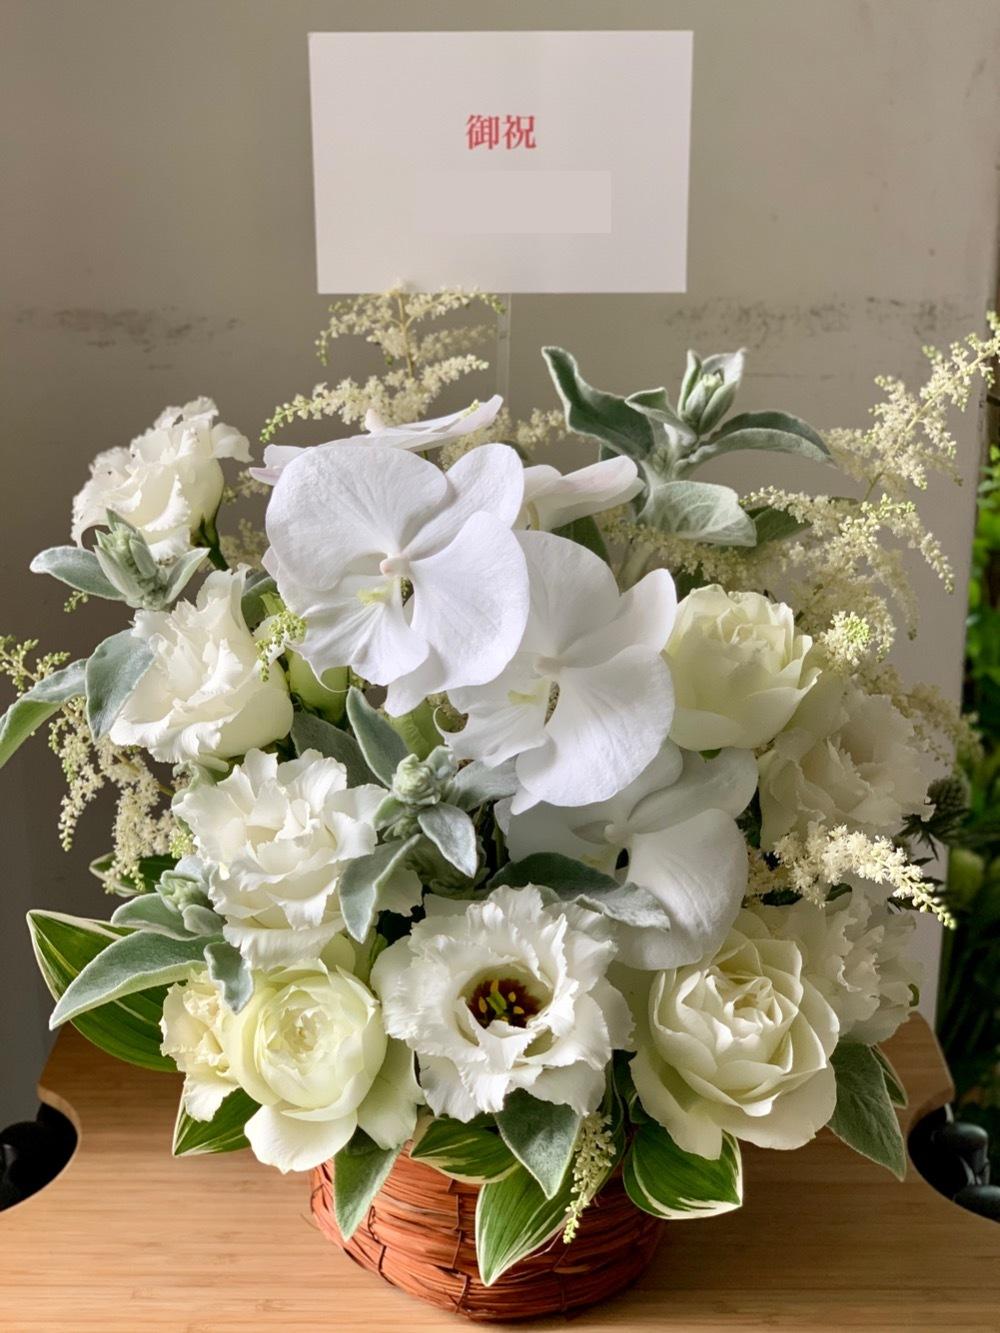 白を基調としたボリューム感のある開店お祝い花